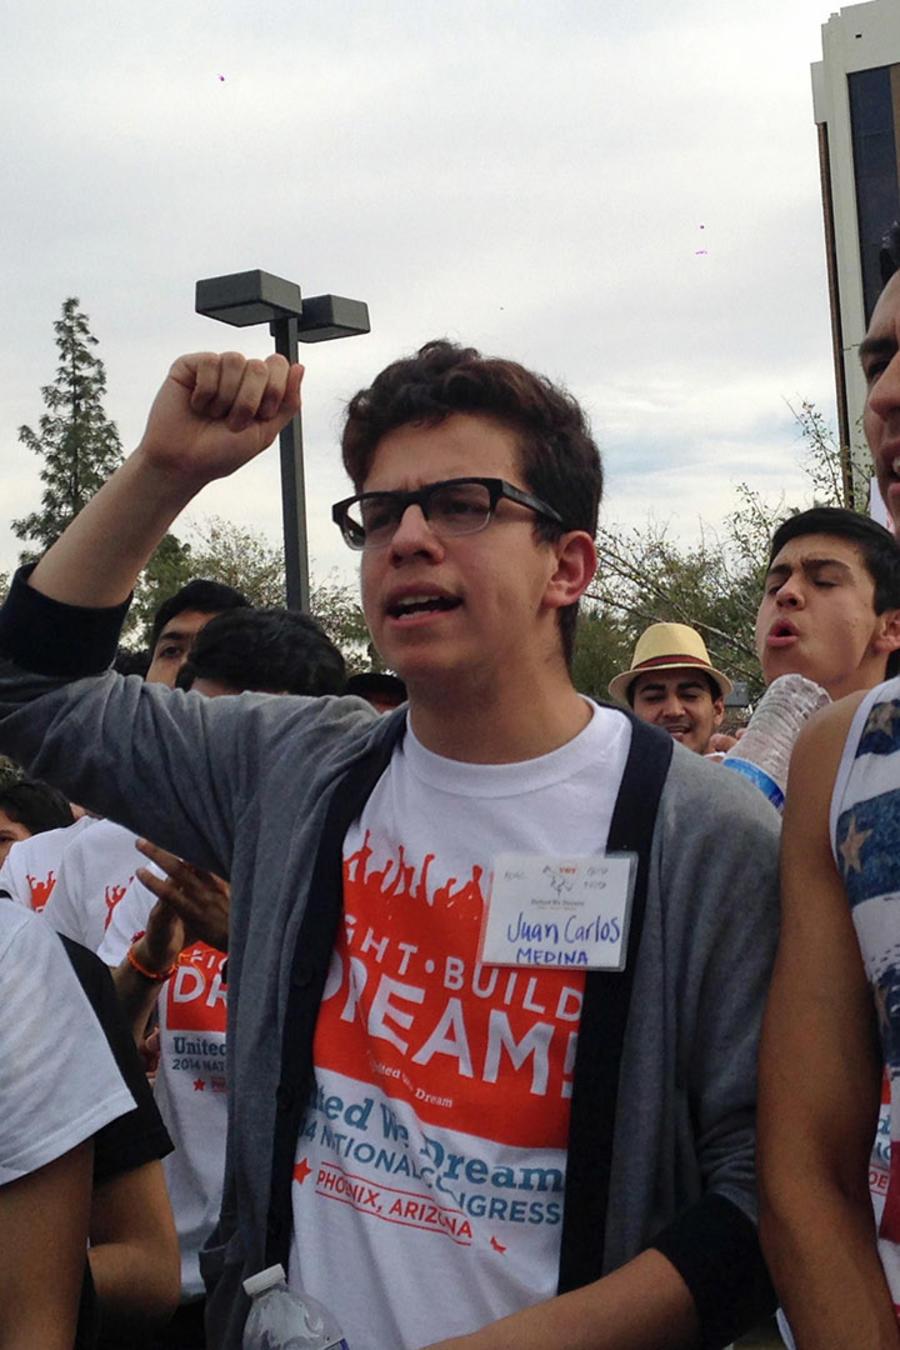 Jóvenes de la organización United We Dream corean eslóganes para parar las deportaciones a las afueras de las oficinas de ICE en Phoenix, Aizona.